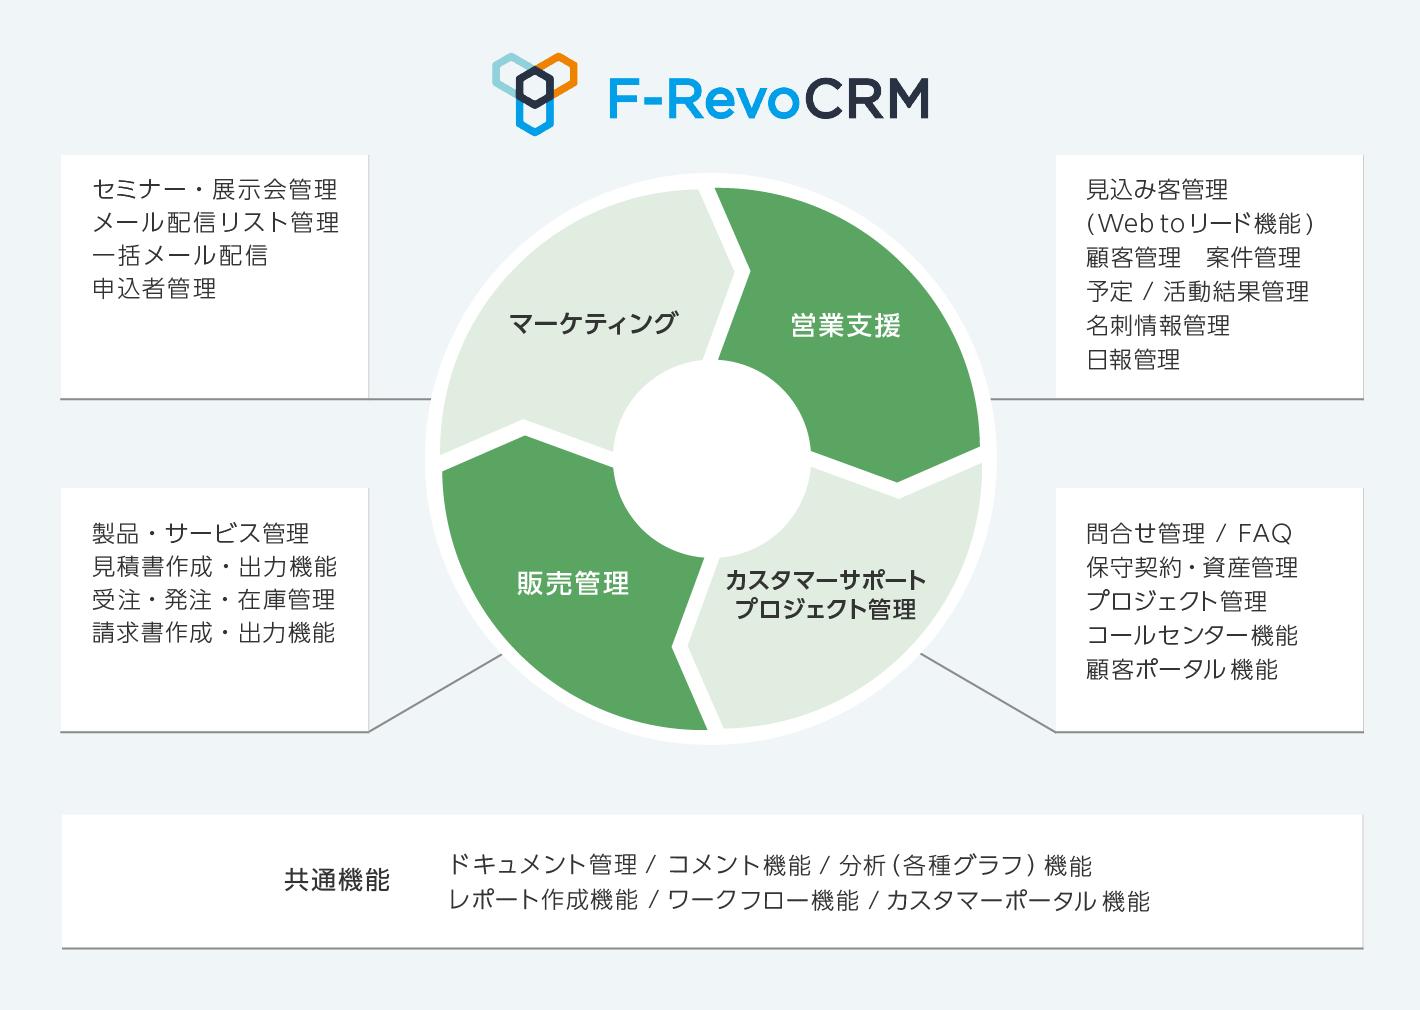 マーケットプレイスにて「F-RevoCRM」の提供を2月20日より開始します